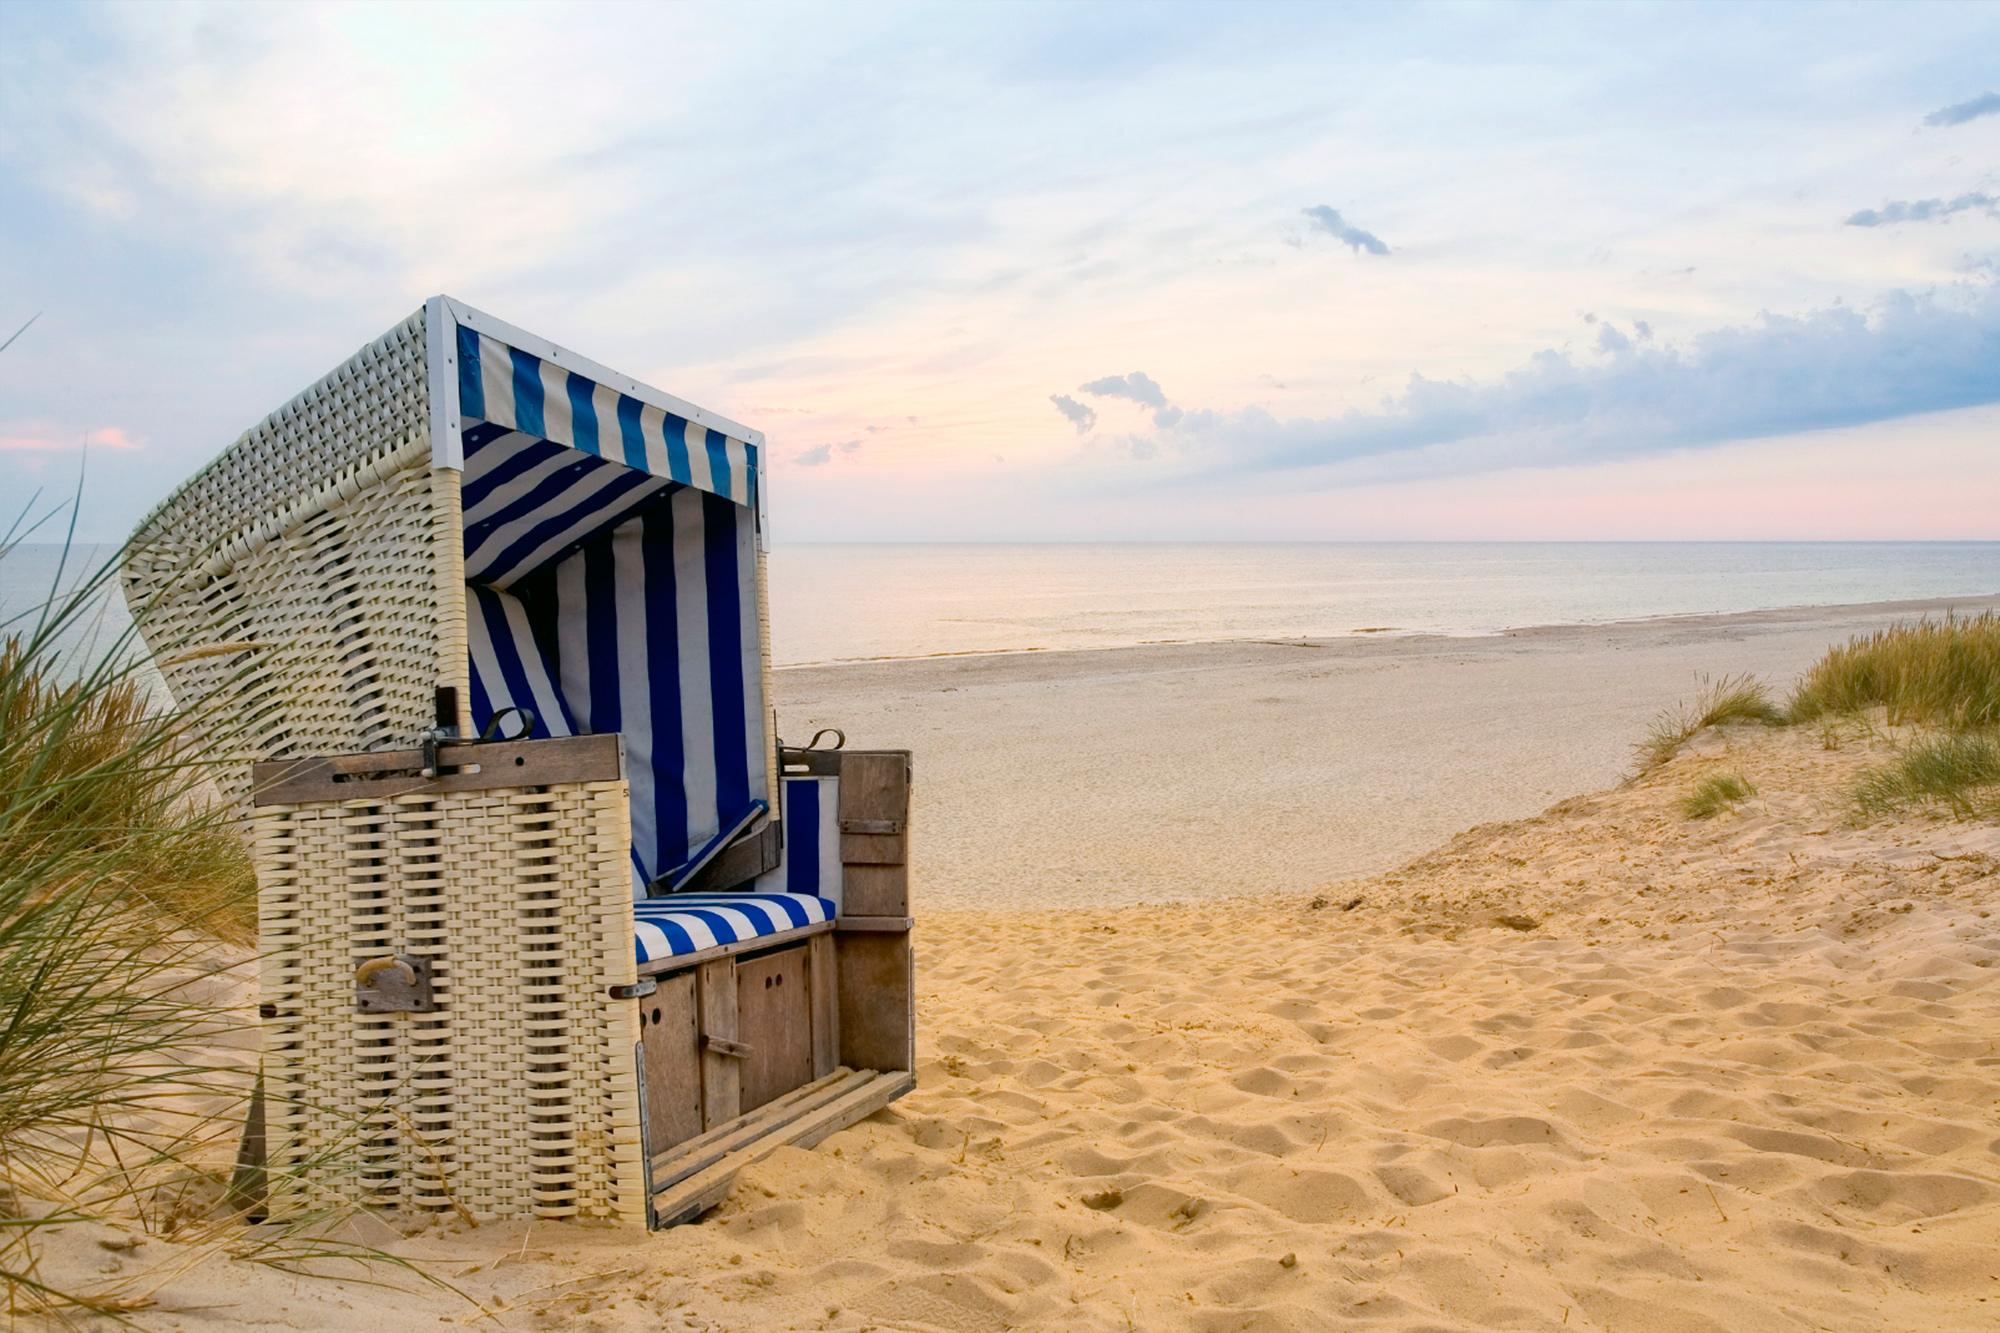 tui ferien nordsee top hotels f r ferien an der nordsee. Black Bedroom Furniture Sets. Home Design Ideas